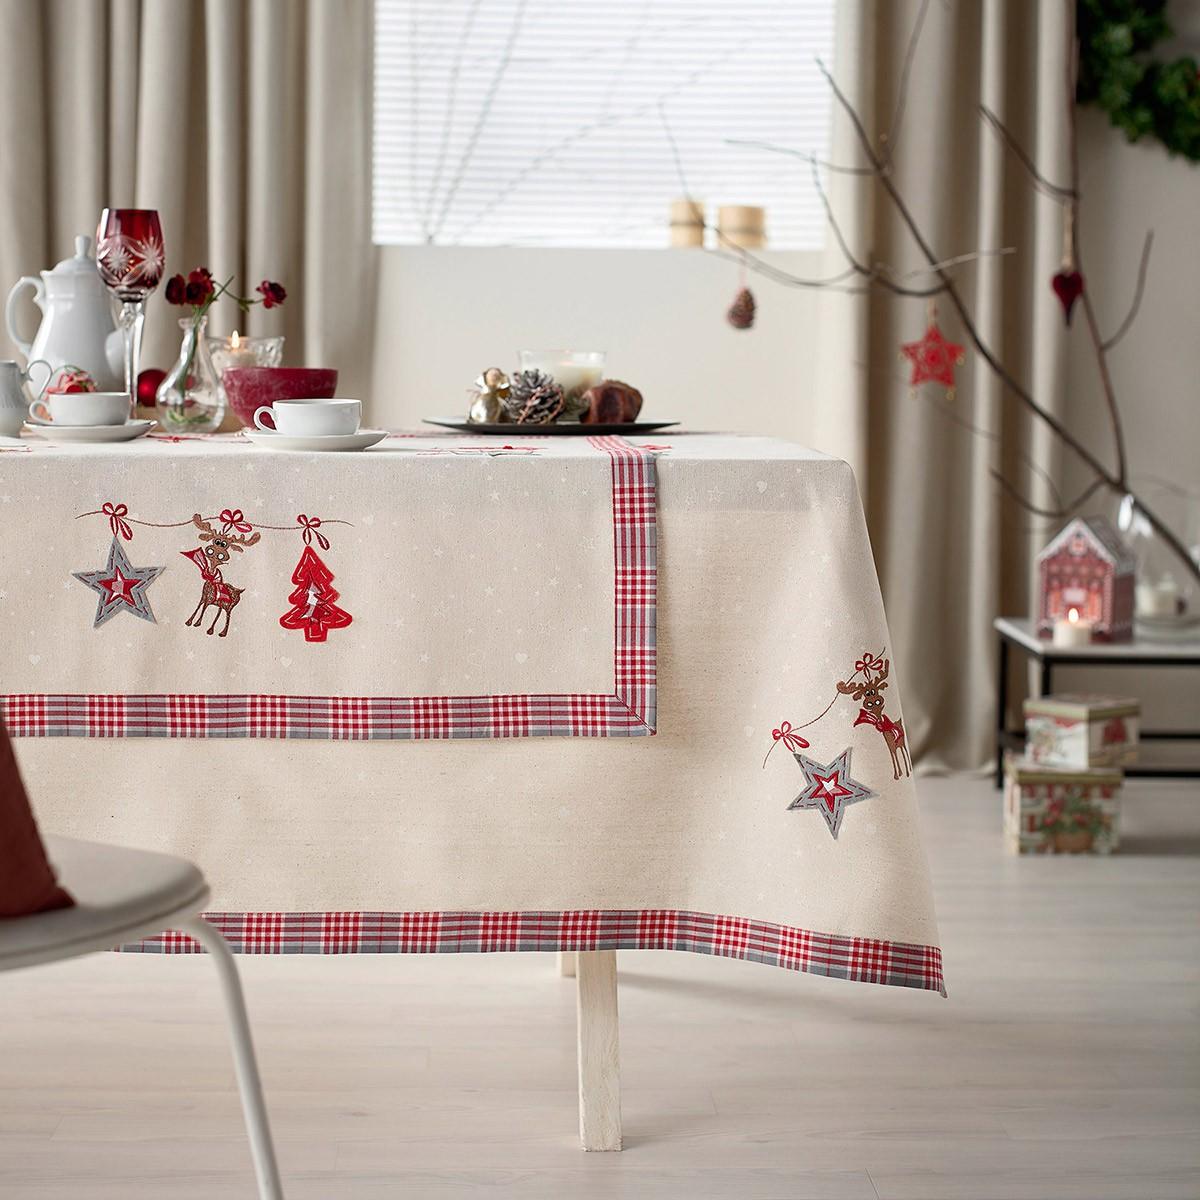 Χριστουγεννιάτικο Τραπεζομάντηλο (135×180) Gofis Home 336